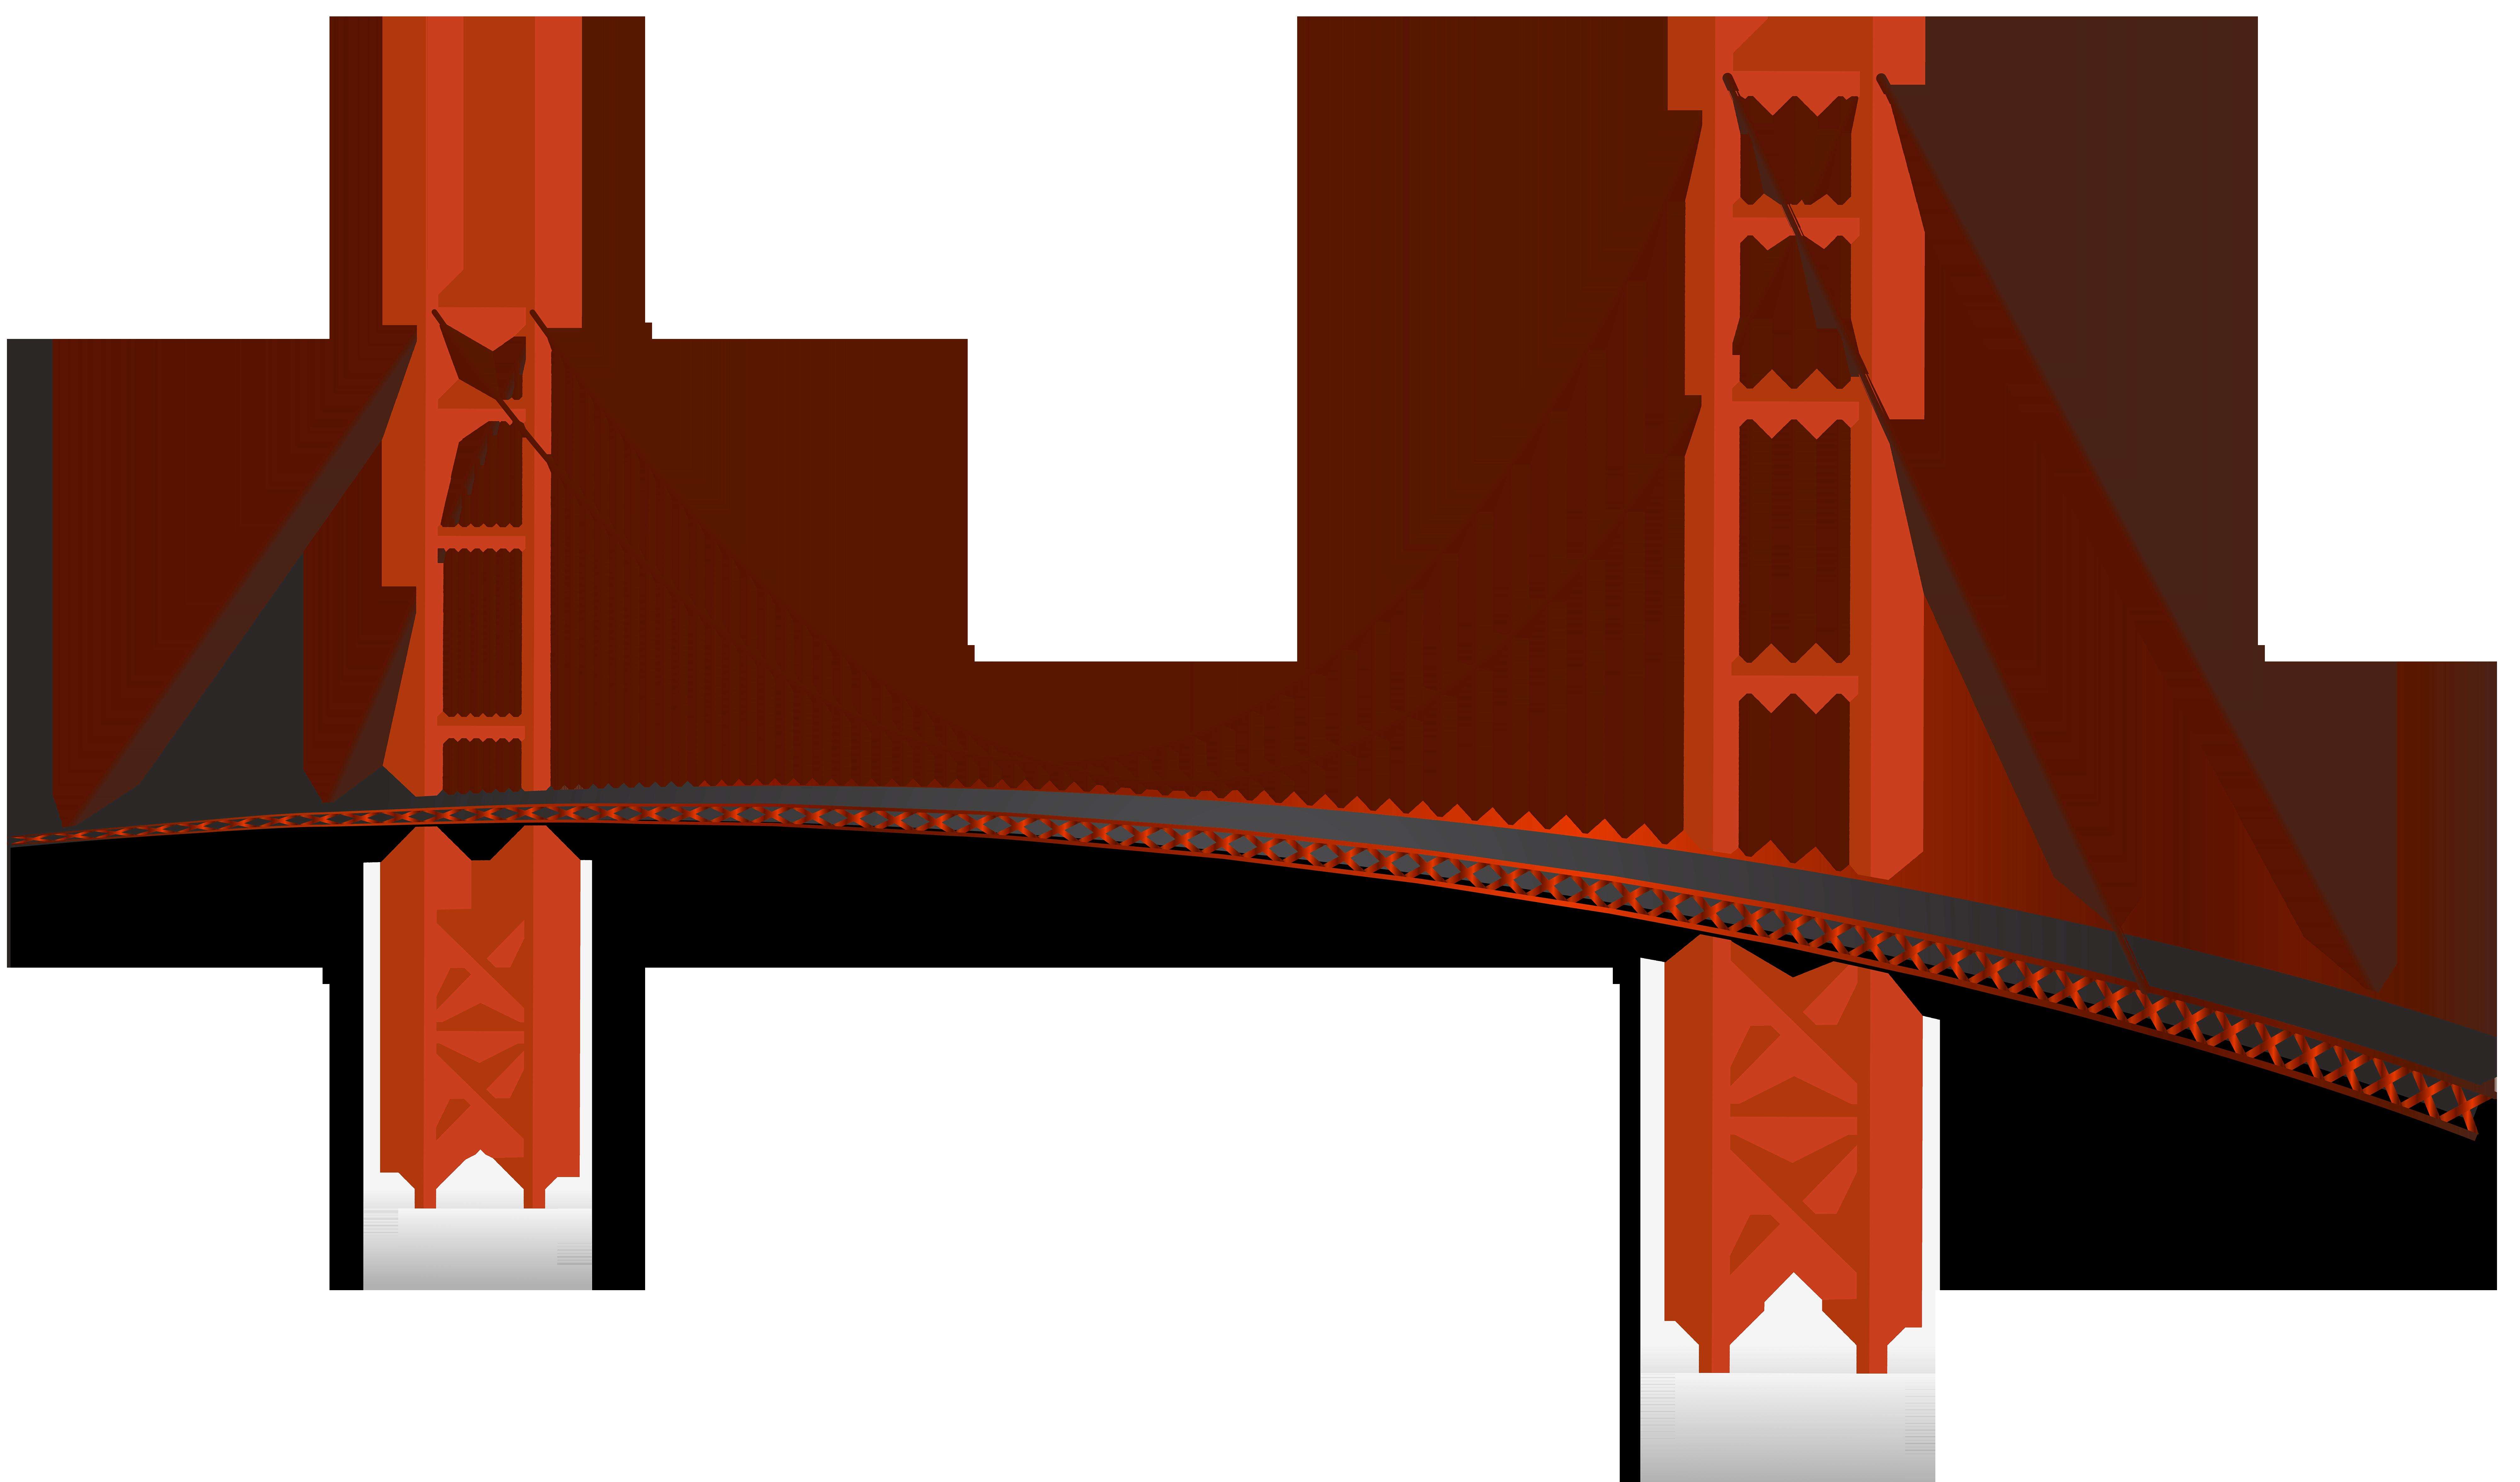 Golden Gate Bridge Nashik Clip art.